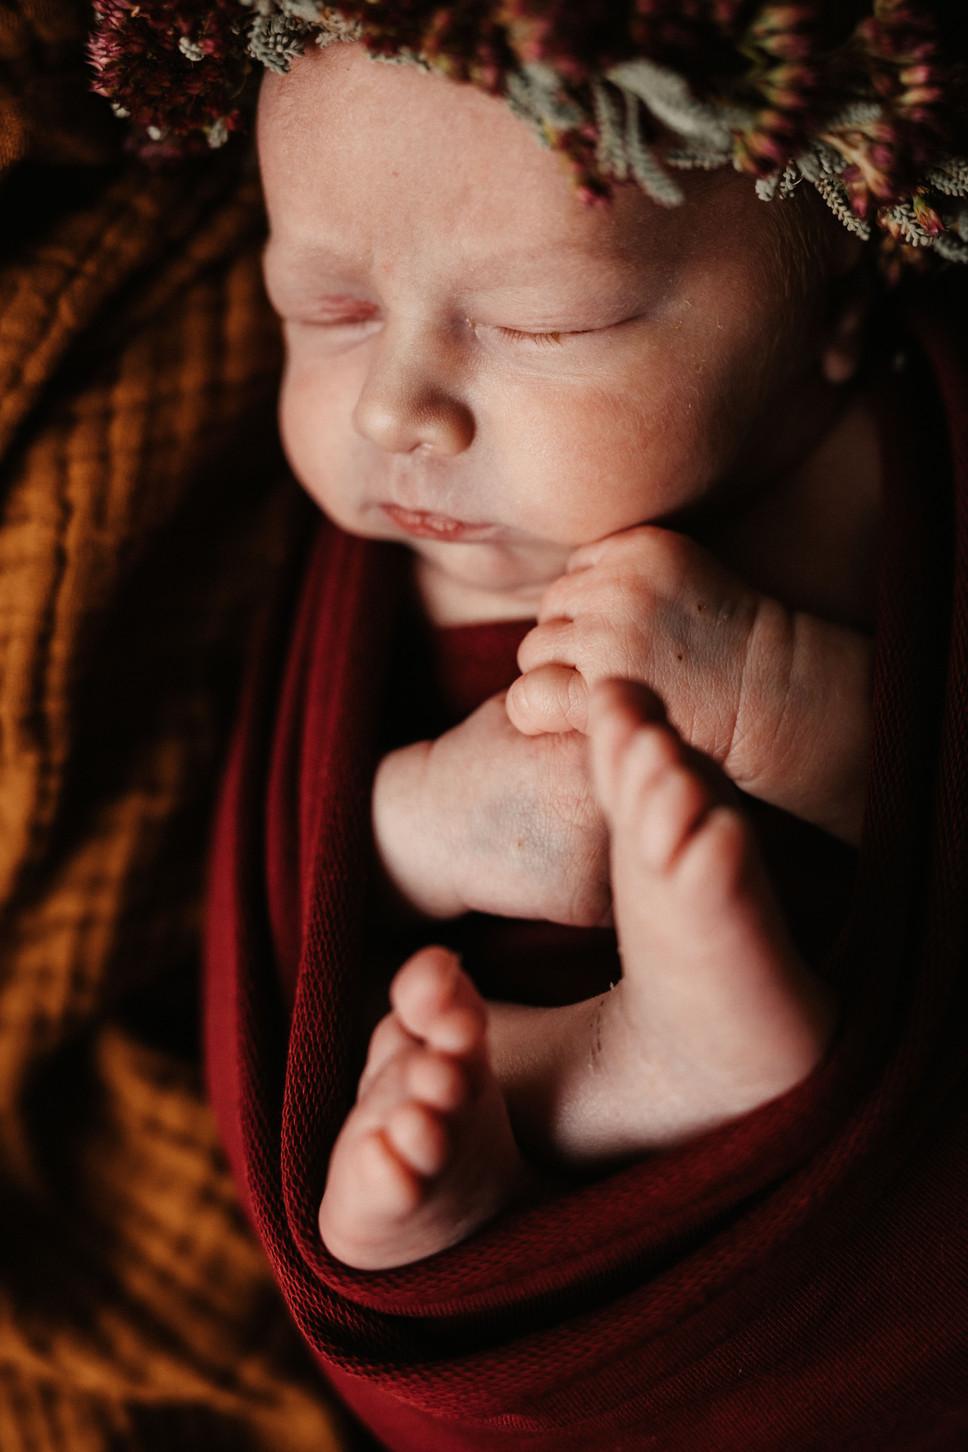 Newbornfotografie Aschaffenburg-4220.jpg